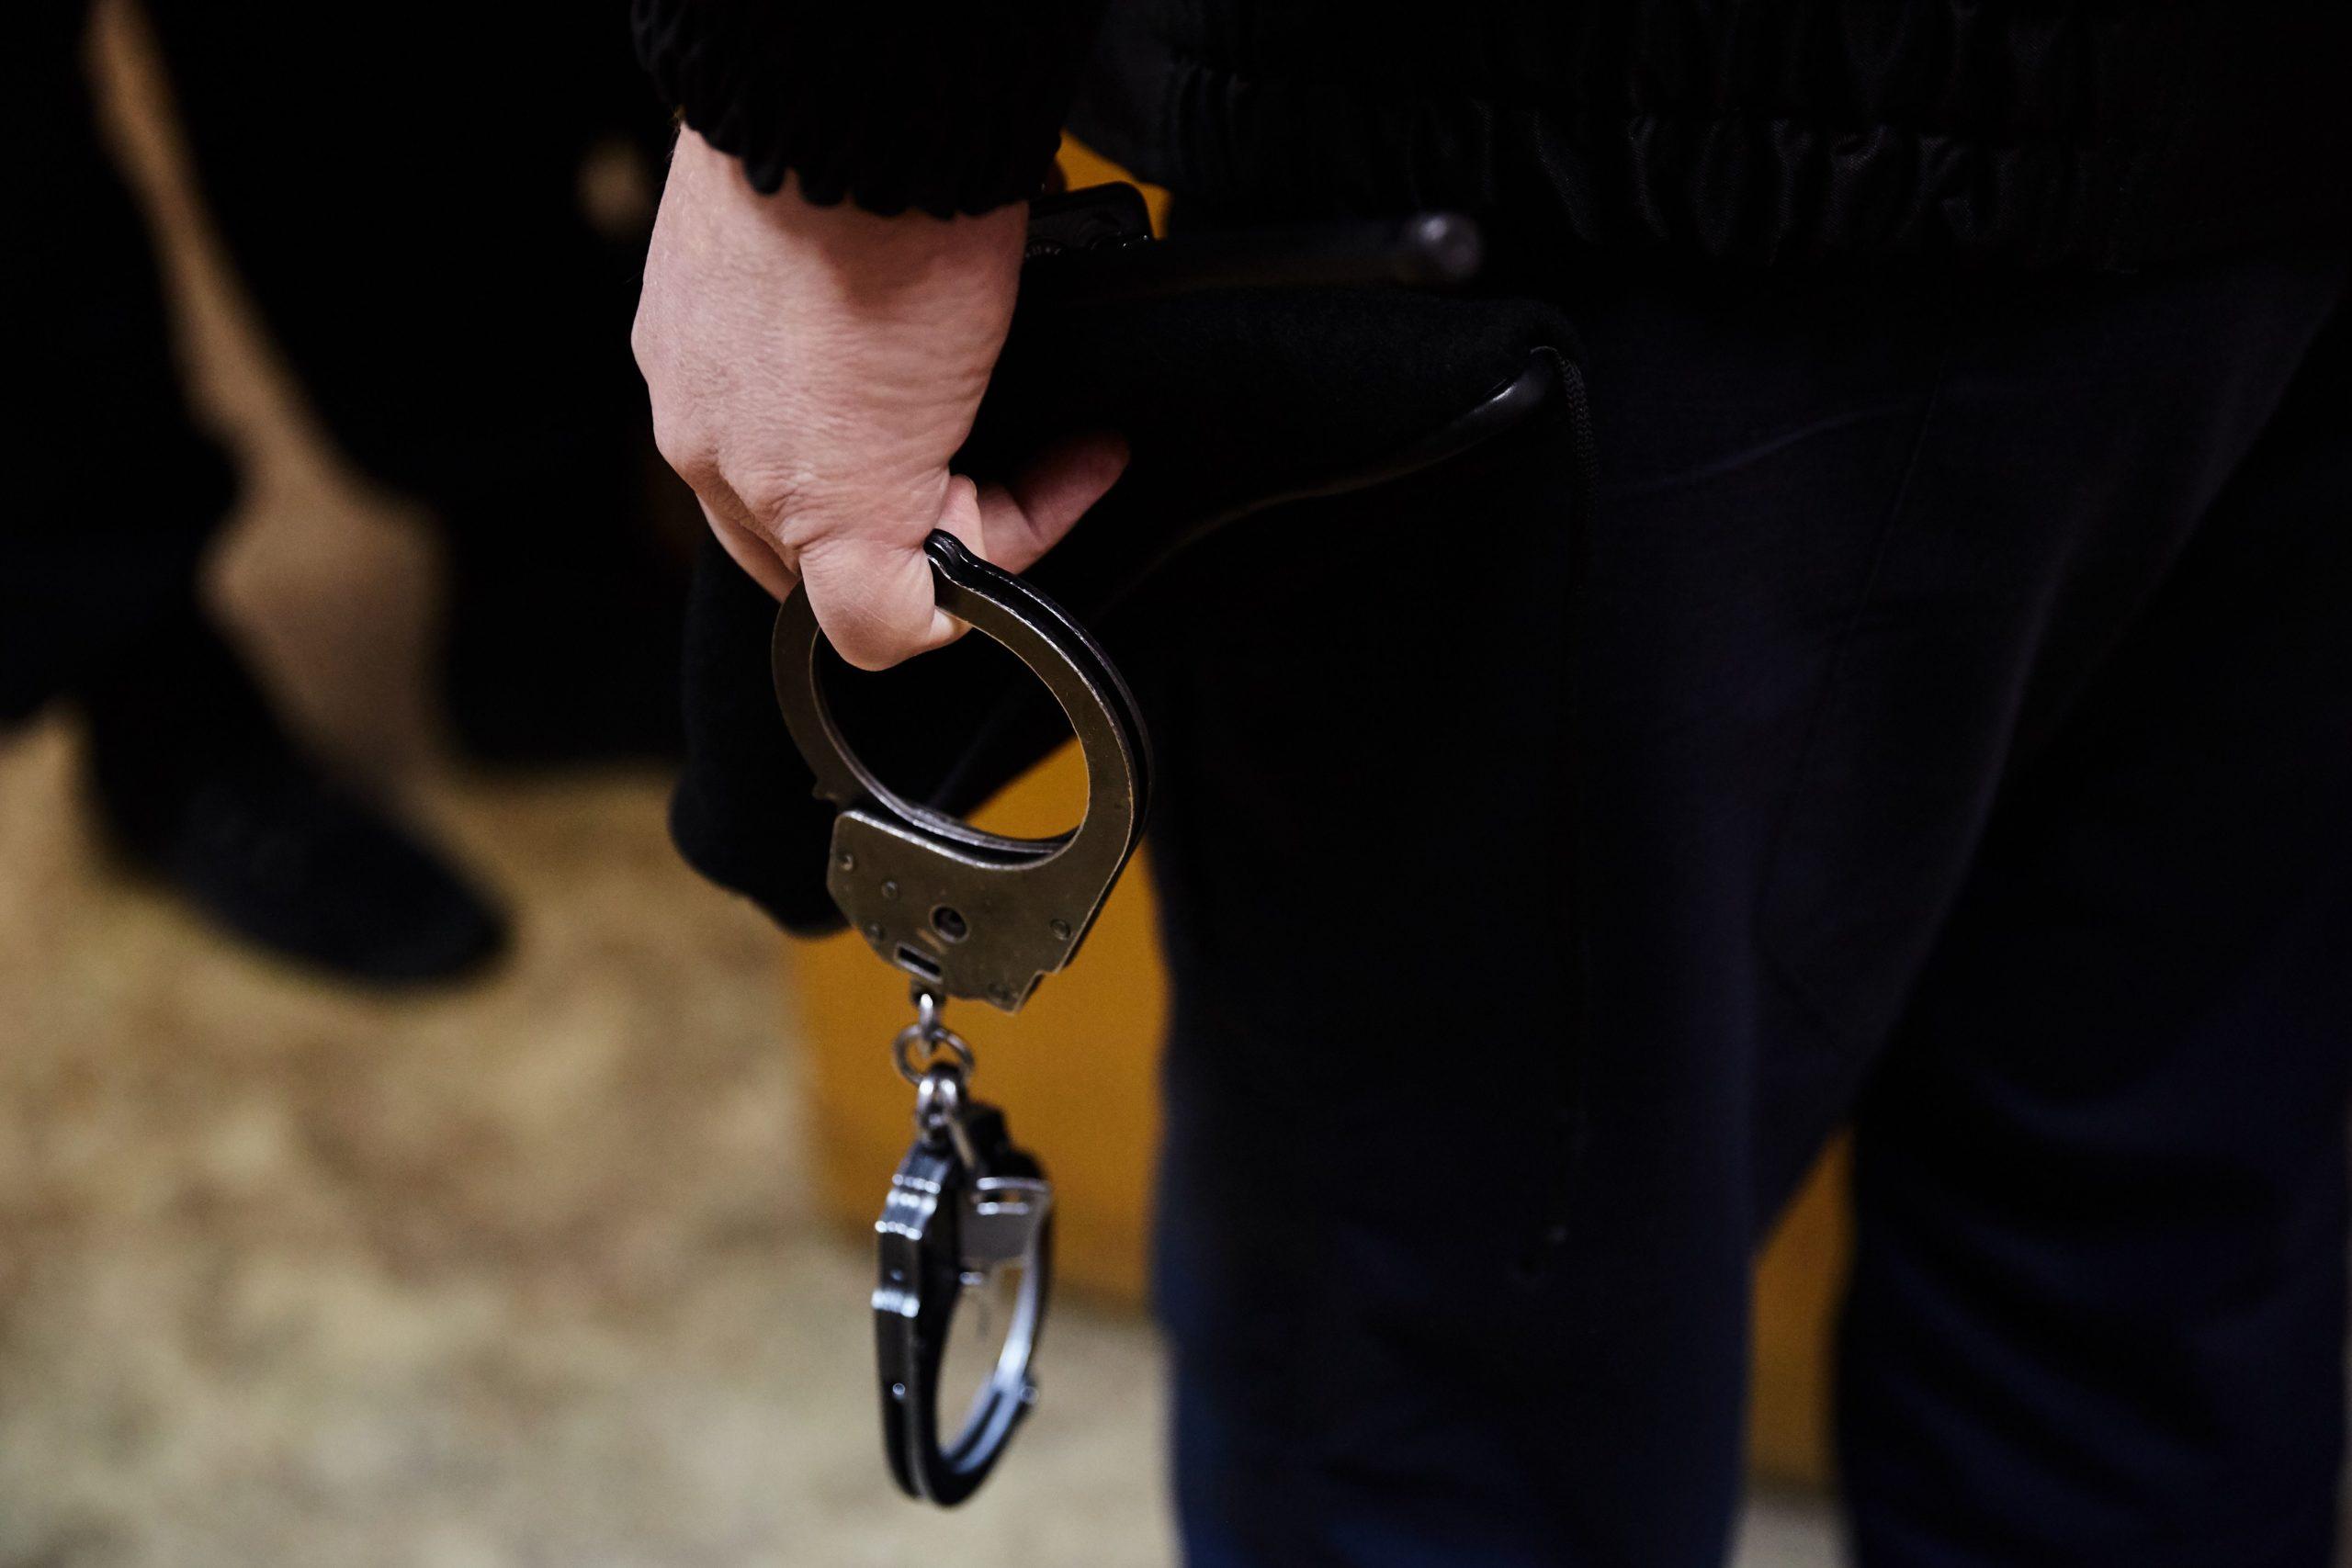 В Тверской области мужчина вырастил 37 кустов наркотика